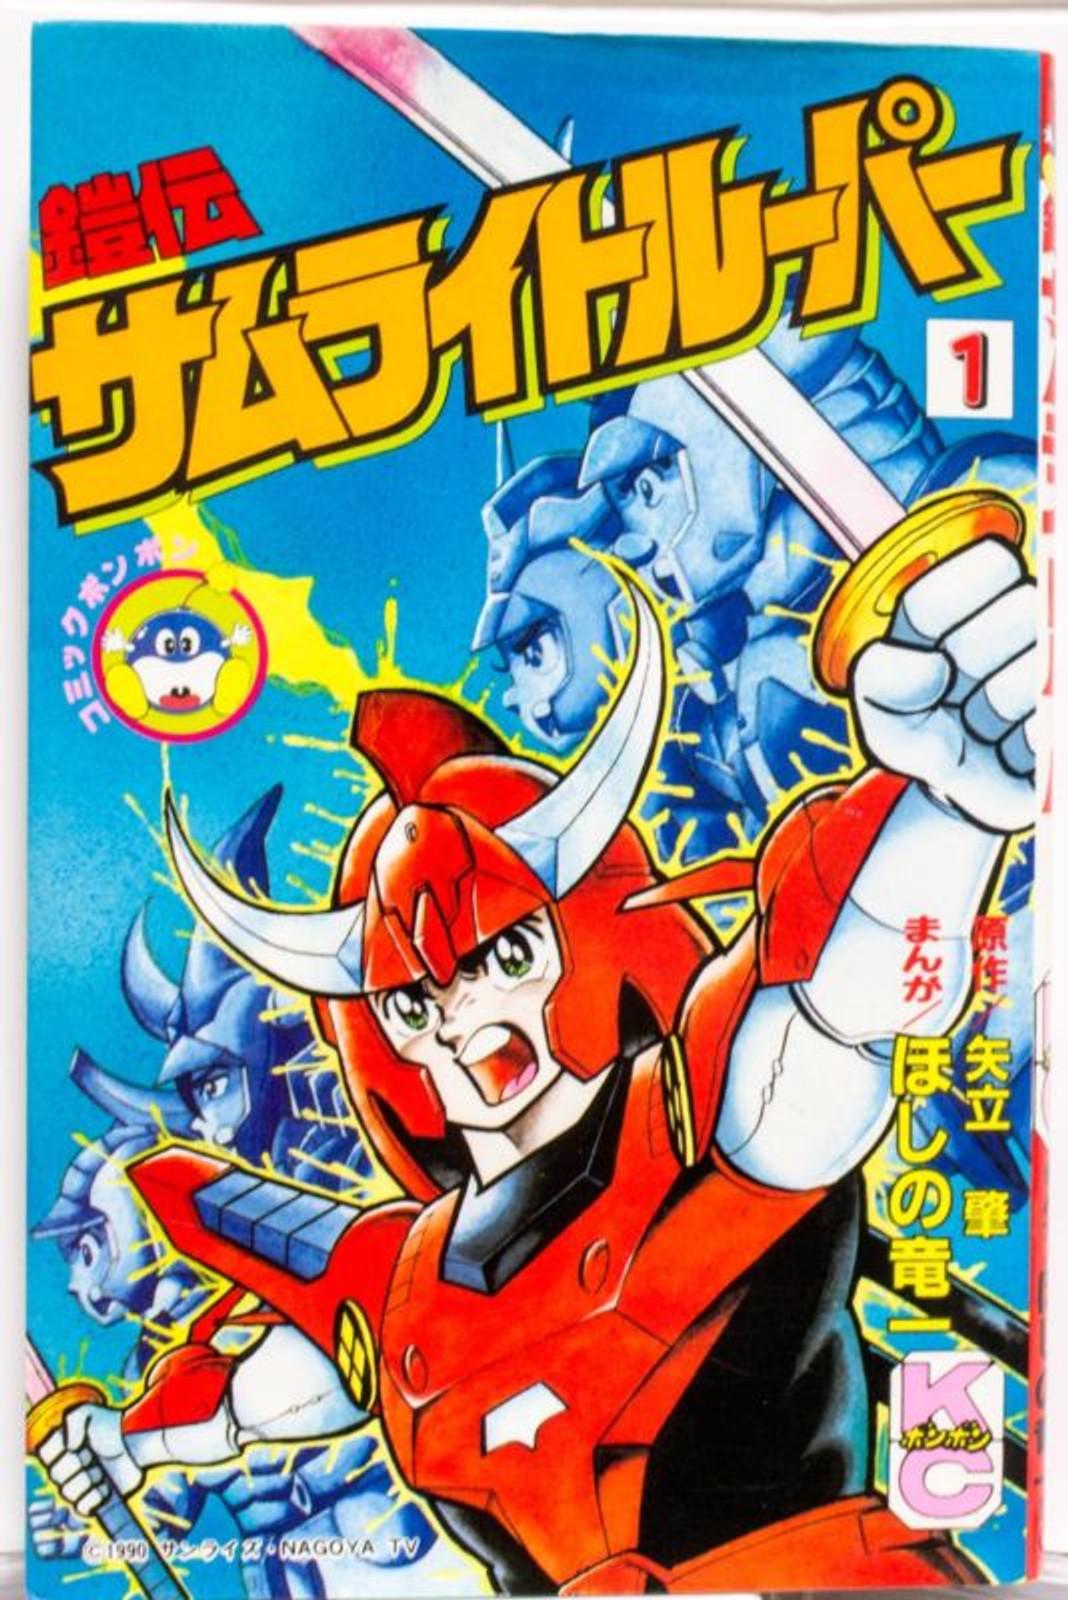 Samurai Troopers Comics Vol.1  JAPAN ANIME MANGA